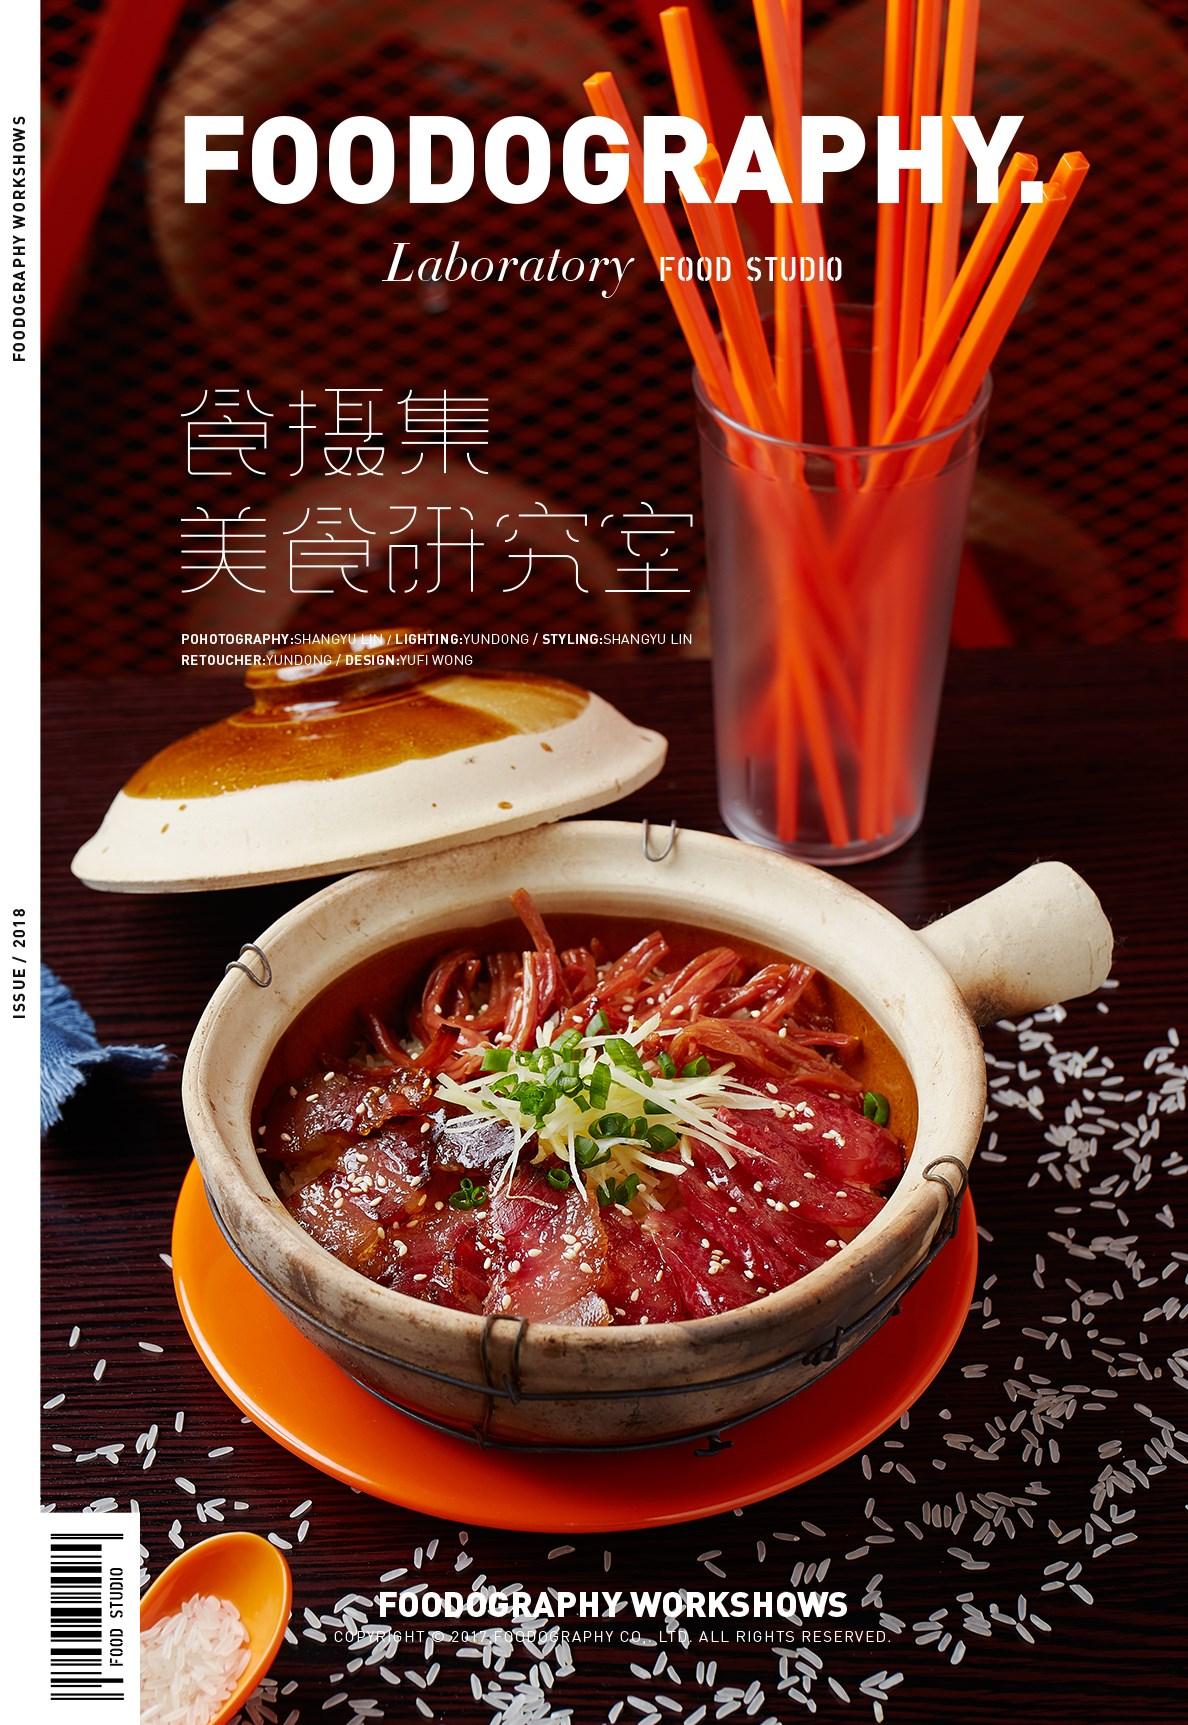 广东顺德出火煲仔饭 食摄集 | 美食摄影